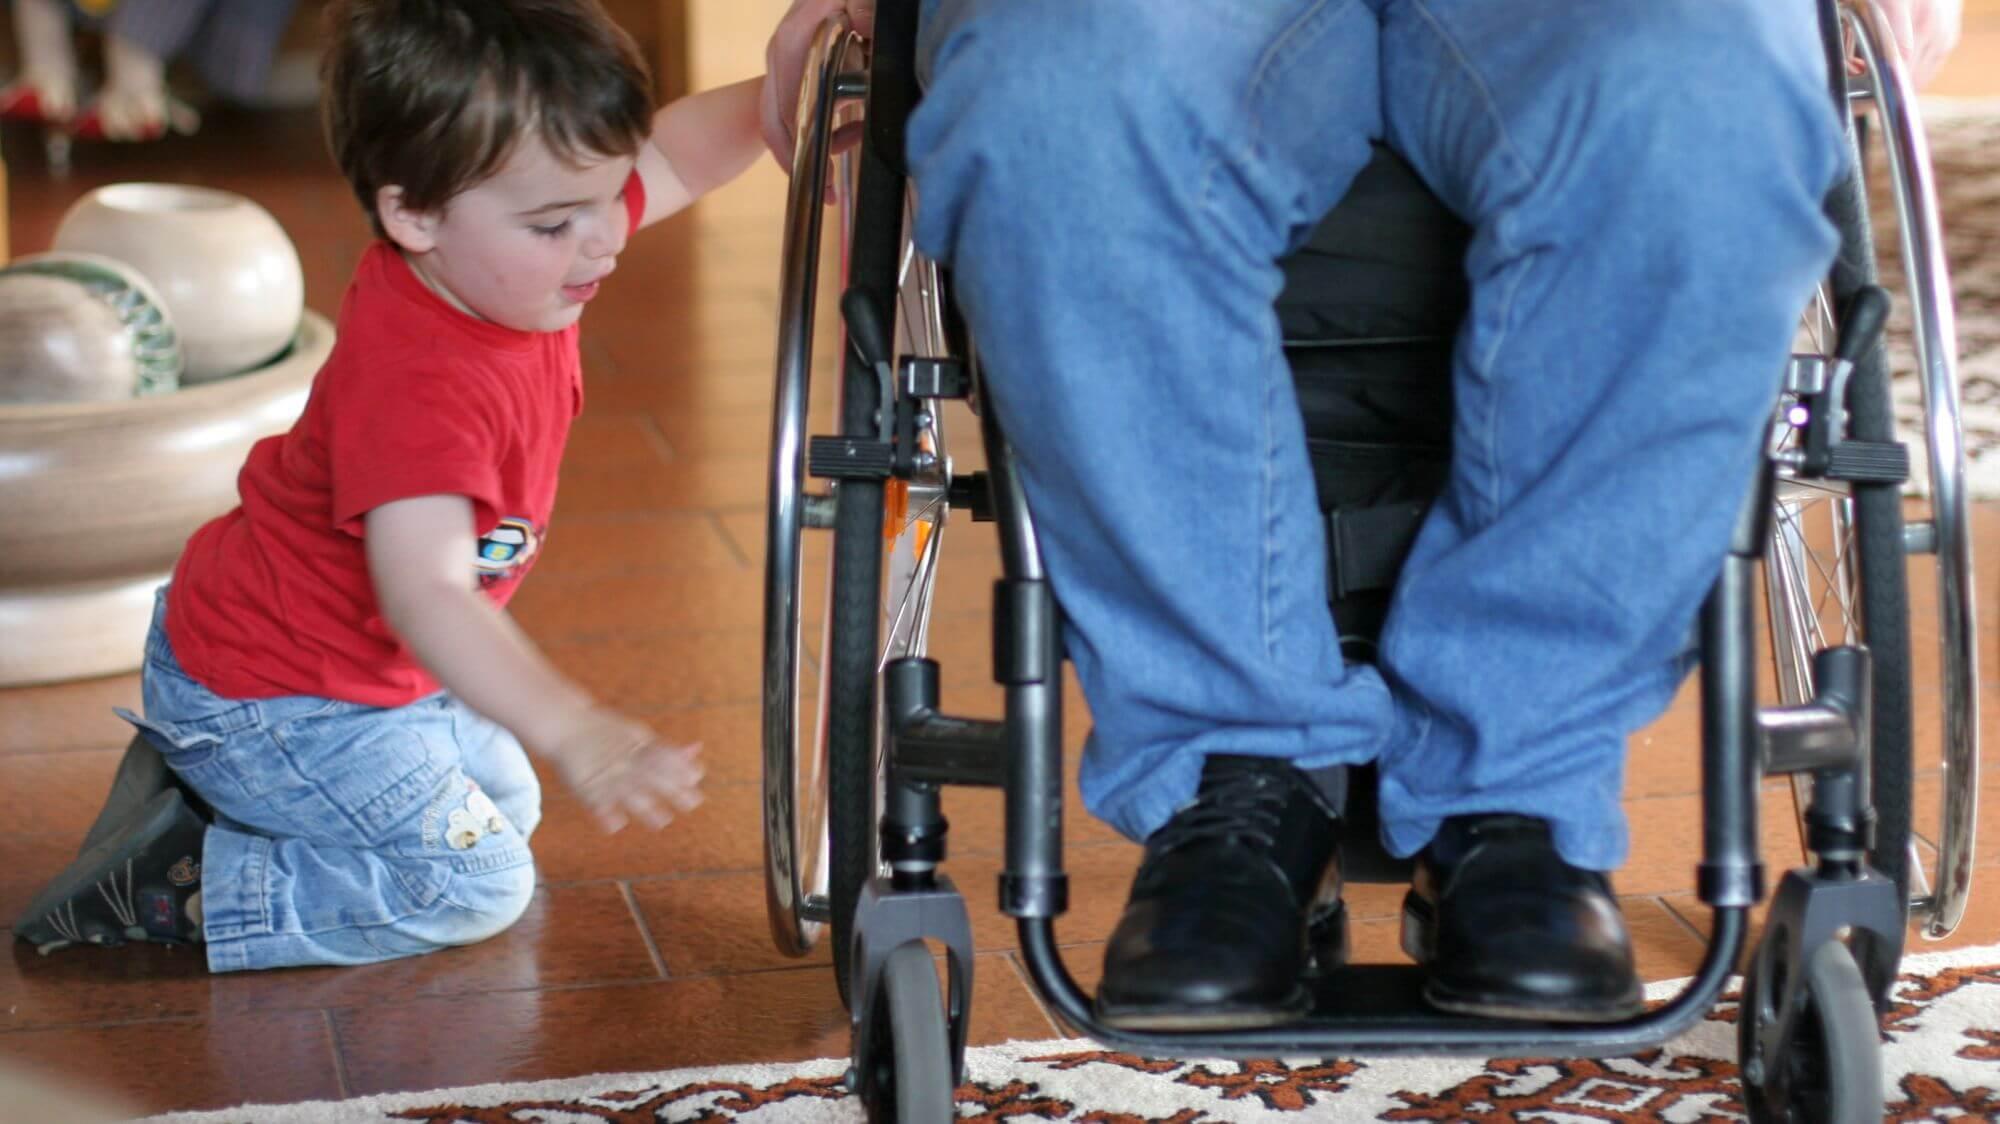 Kind spielt mit Rad eines Rollstuhlfahrers (c) Annette Schwindt